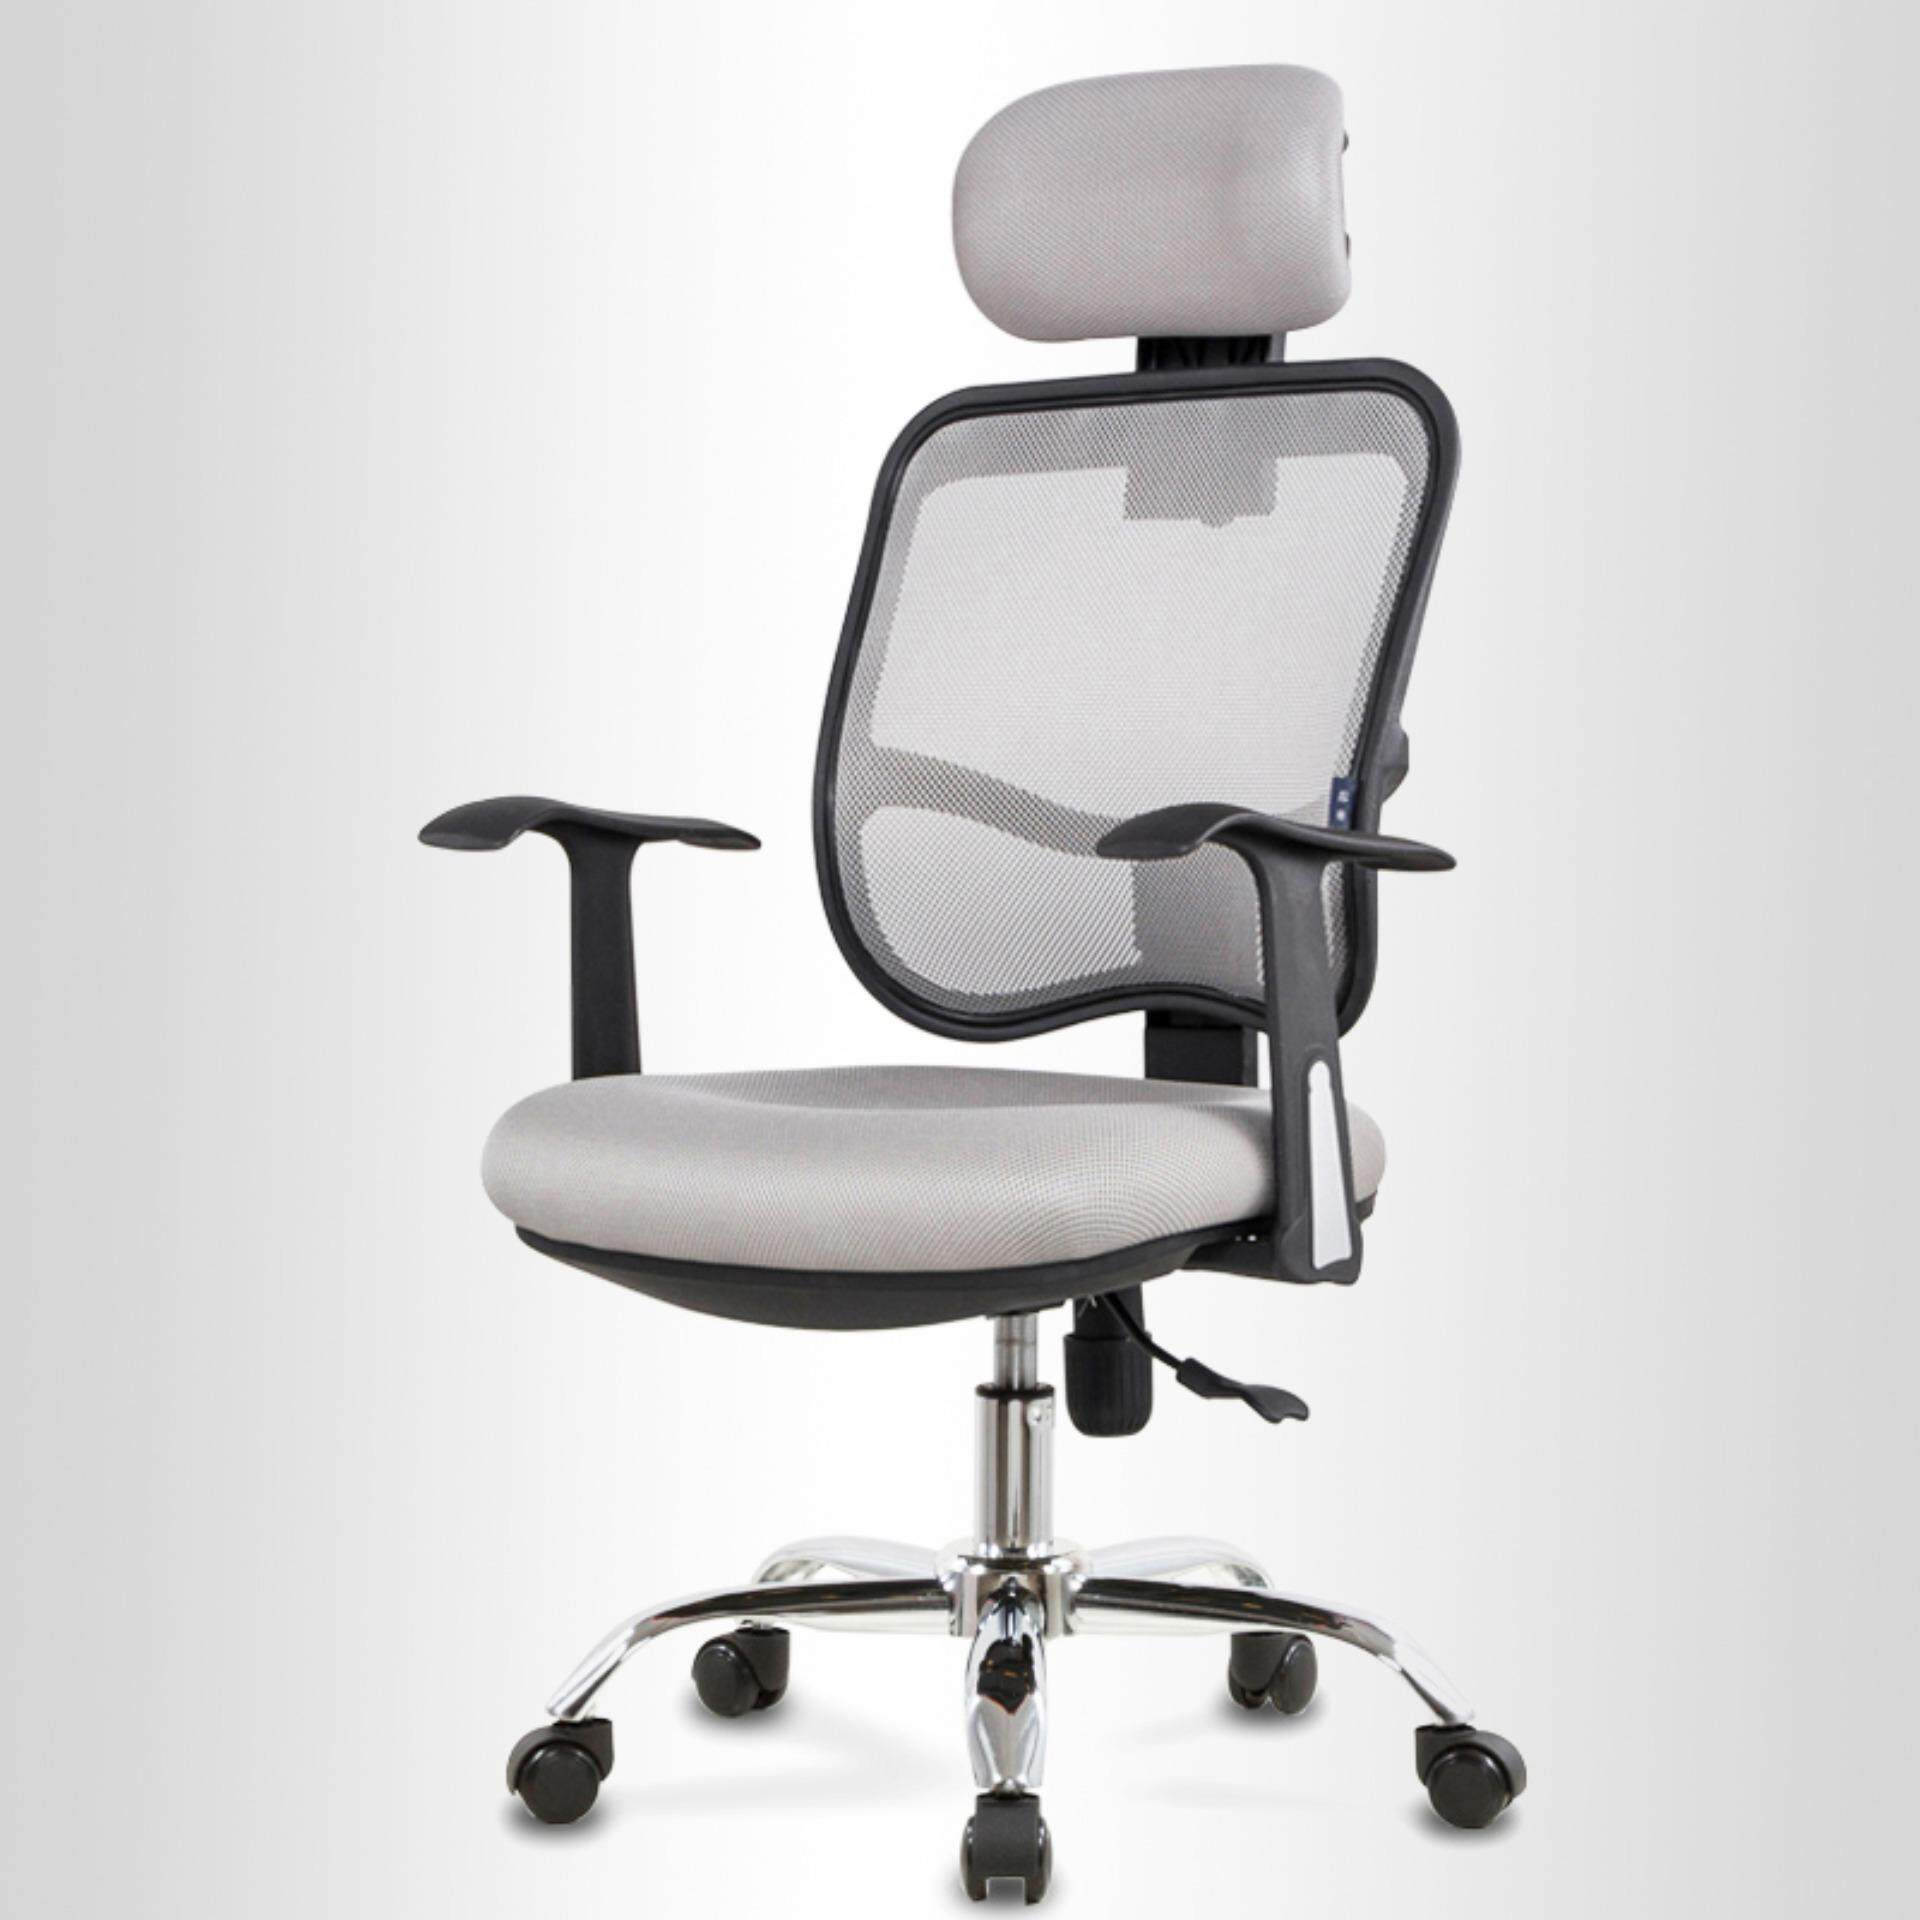 ยี่ห้อไหนดี  เก้าอี้เล่นเกม เก้าอี้เกมมิ่ง เก้าอี้คอเกม Raching Gaming Chair - รุ่น E-03 ( Gray) Office Chair เก้าอี้ทำงาน เก้าอี้สุขภาพ เก้าอี้คอม เก้าอี้เกม เก้าอี้คอมนั่งสบาย เก้าอี้สำนักงาน เก้าอี้ผู้บริหาร เก้าอี้ทำงาน เฟอร์นิเจอร์สำนักงาน โฮมออฟฟิศ เก้าอี้ประชุม